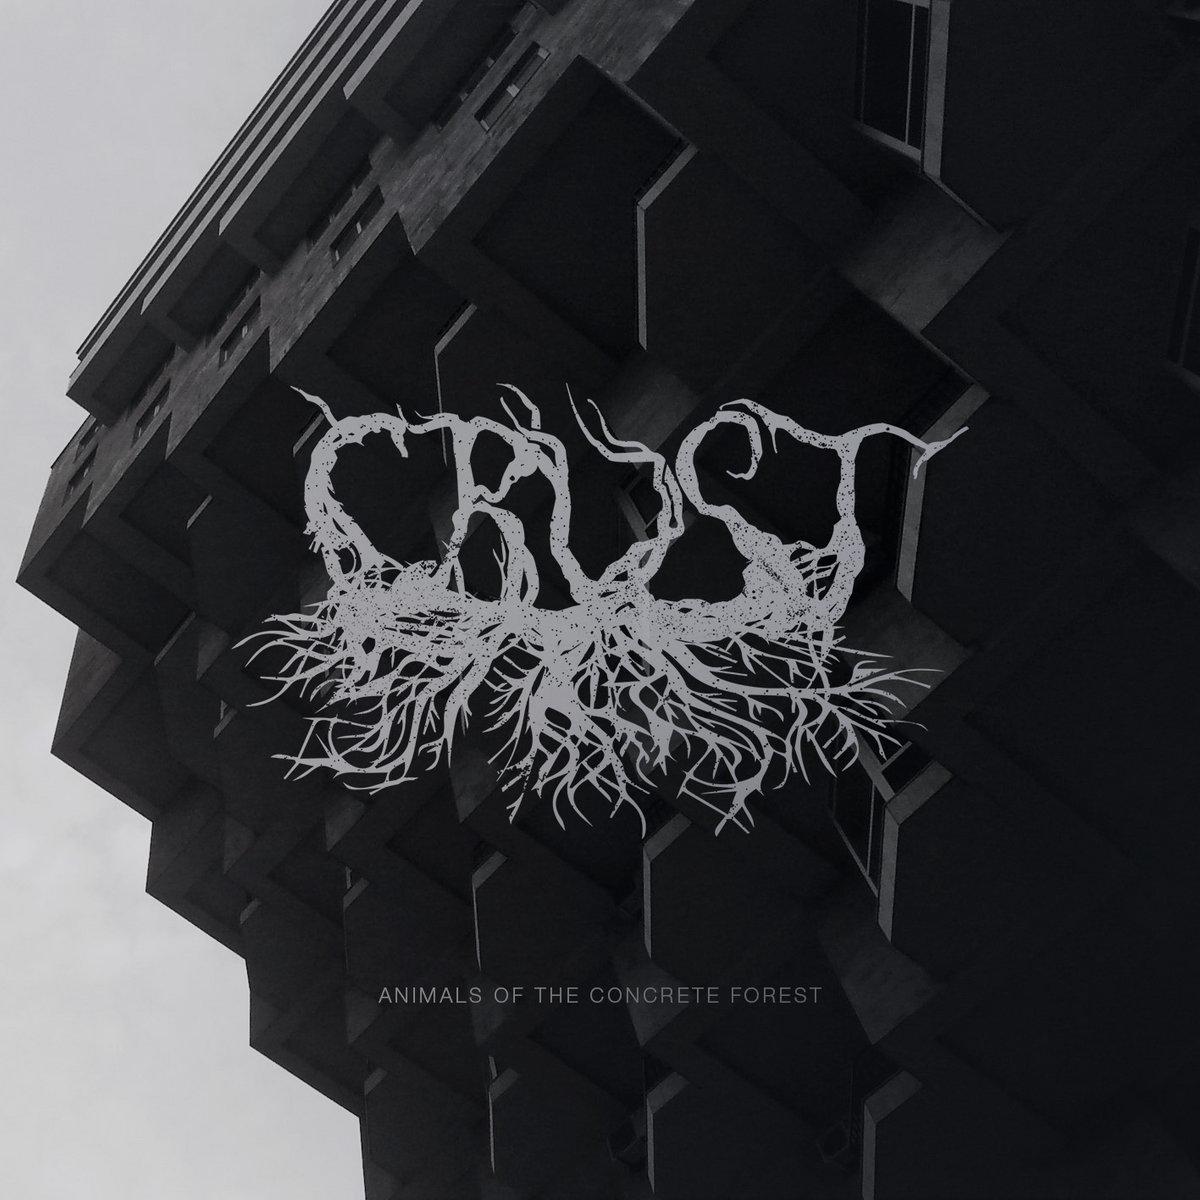 Crust - Stoic (Desde Rusia con sludge) A2197602486_10